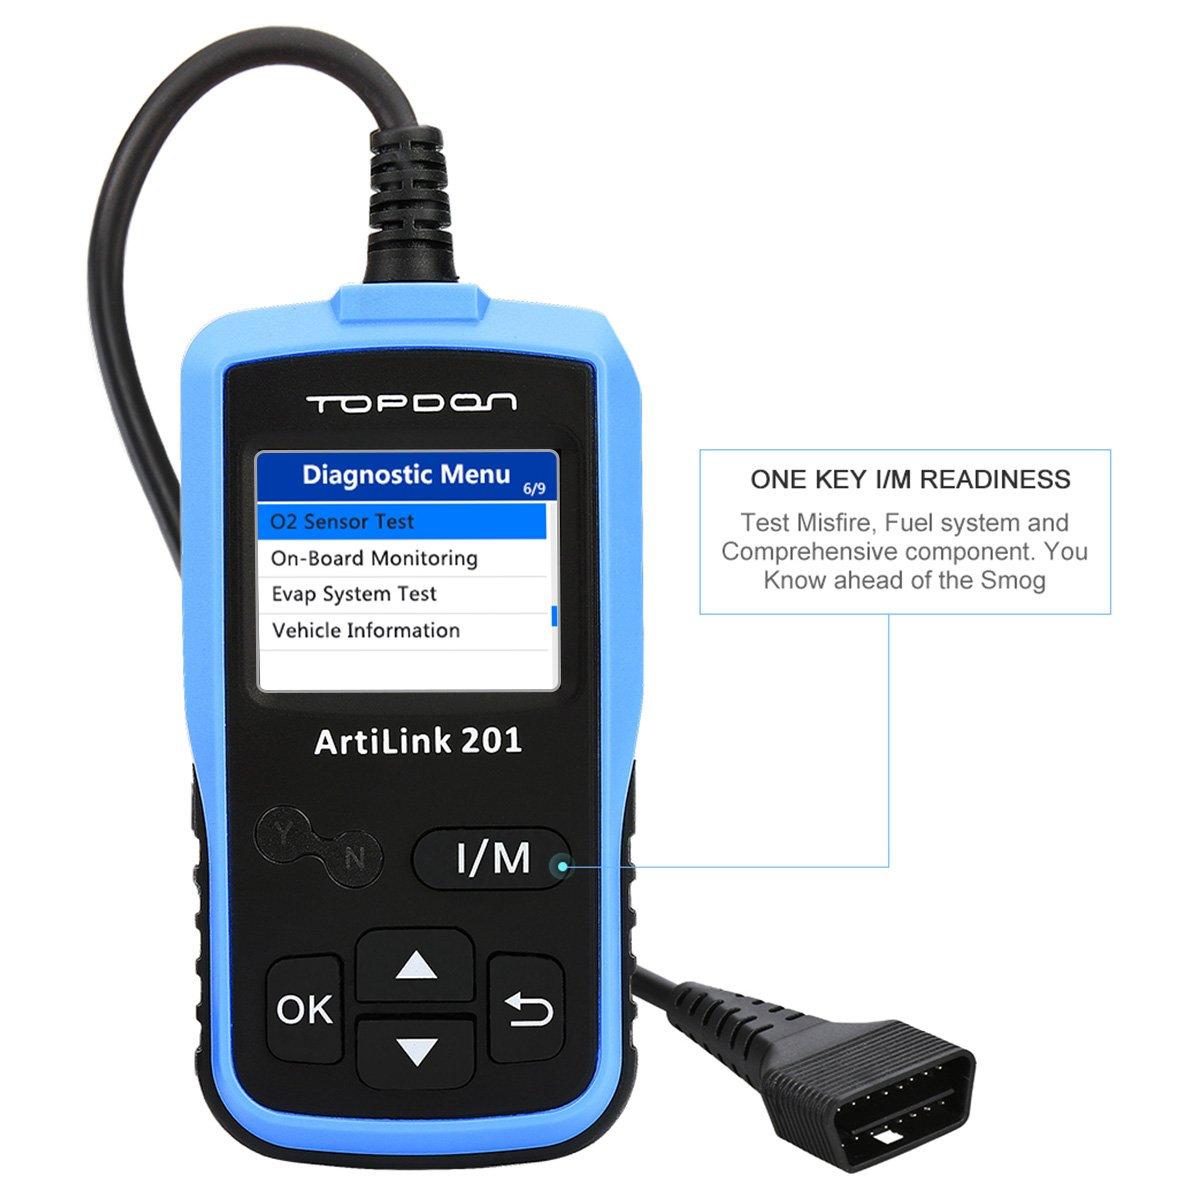 Topdon ArtiLink AL201 OBD2 Scanner Review 2018 - TopScanTool